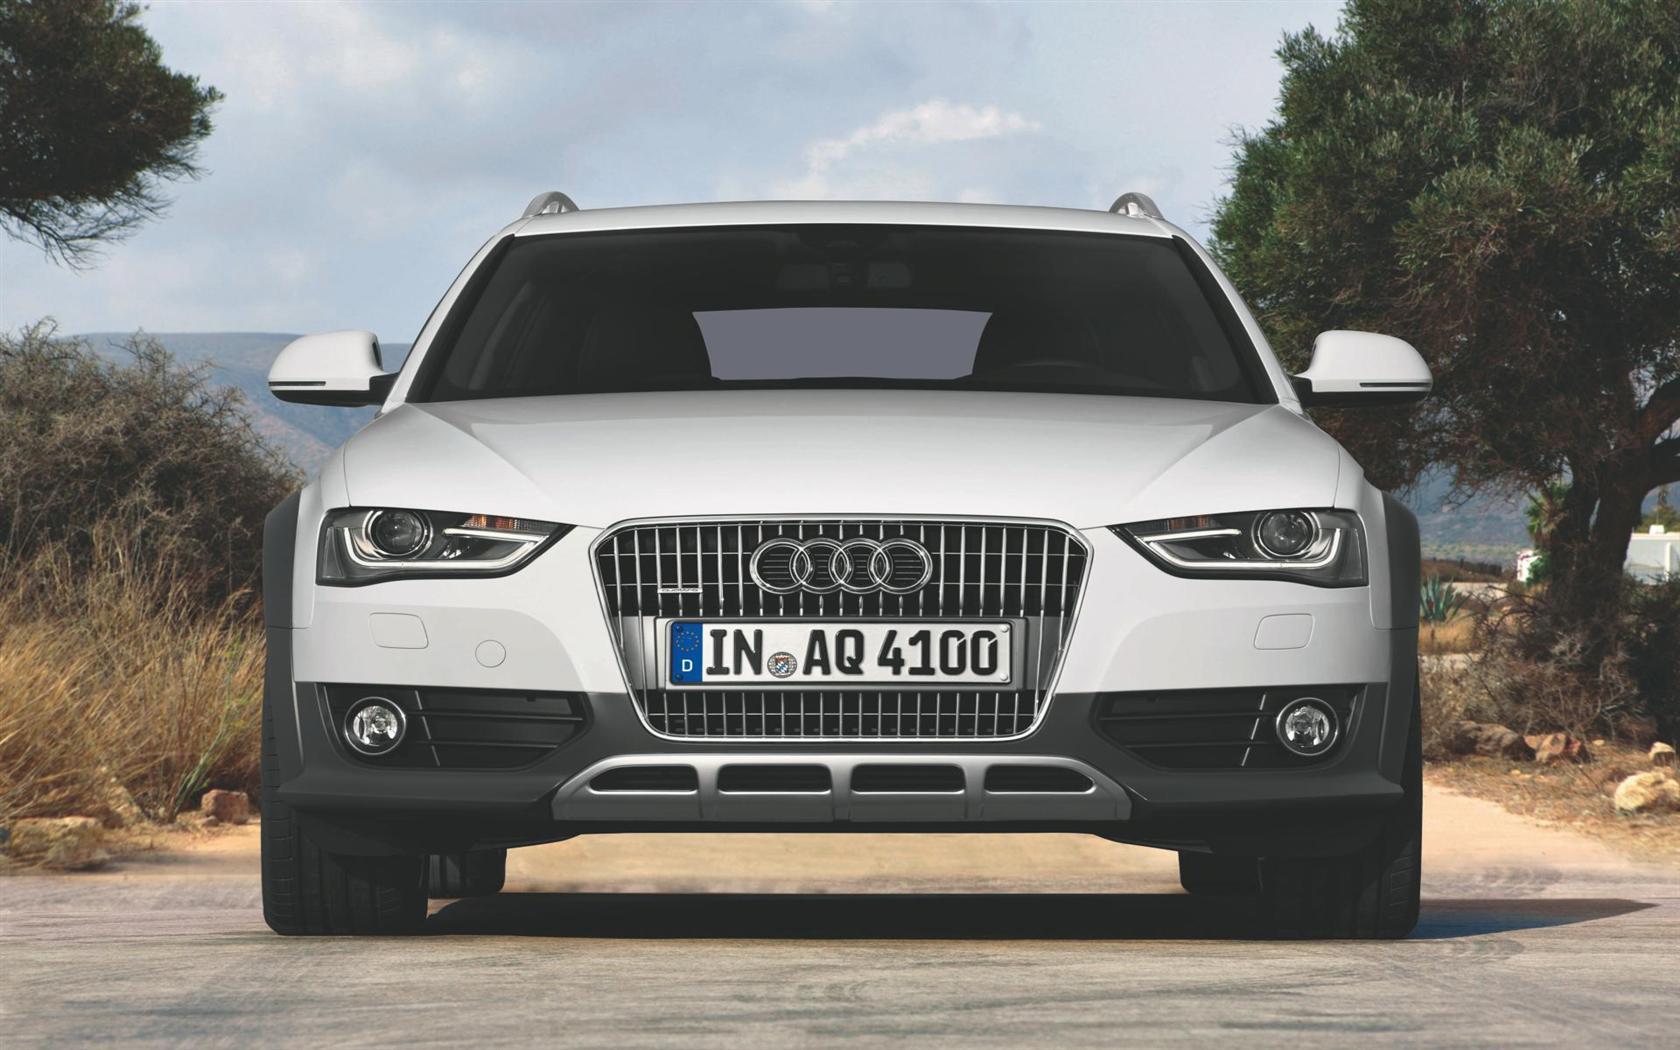 2013 Audi A4 Allroad Quattro Image. Photo 34 of 35